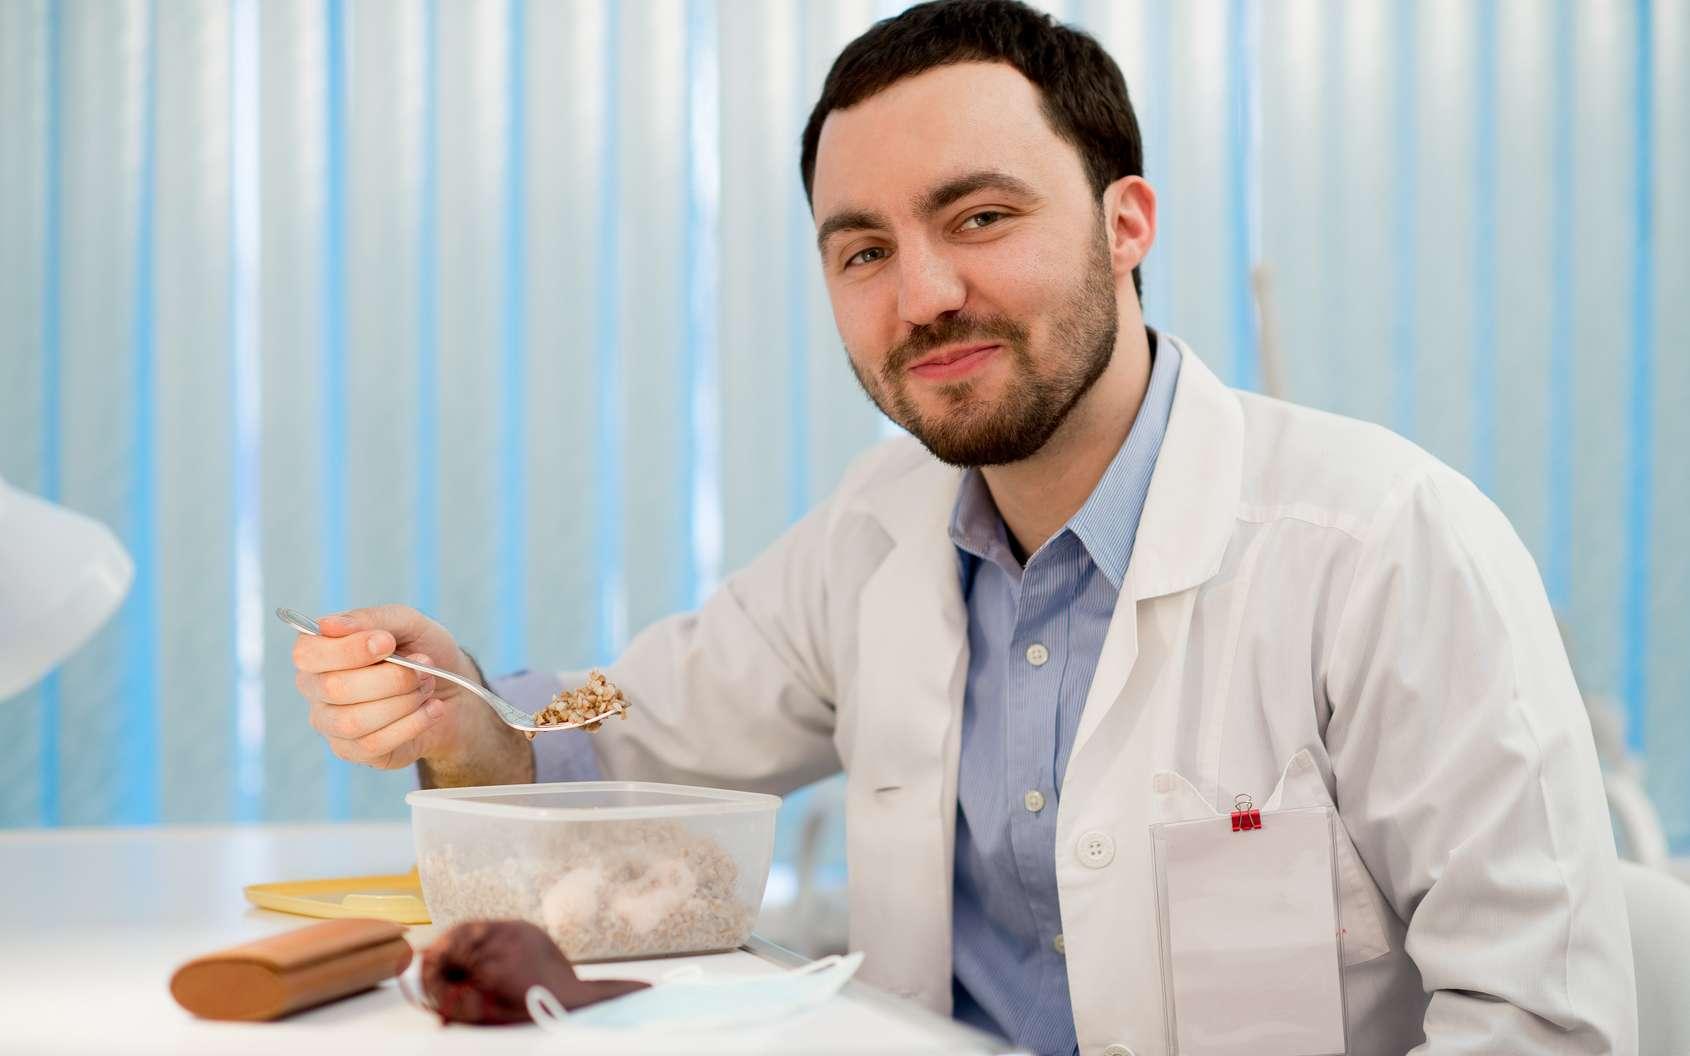 Pause déjeuner pour un homme travaillant en milieu médical. © romankosolapov, Fotolia